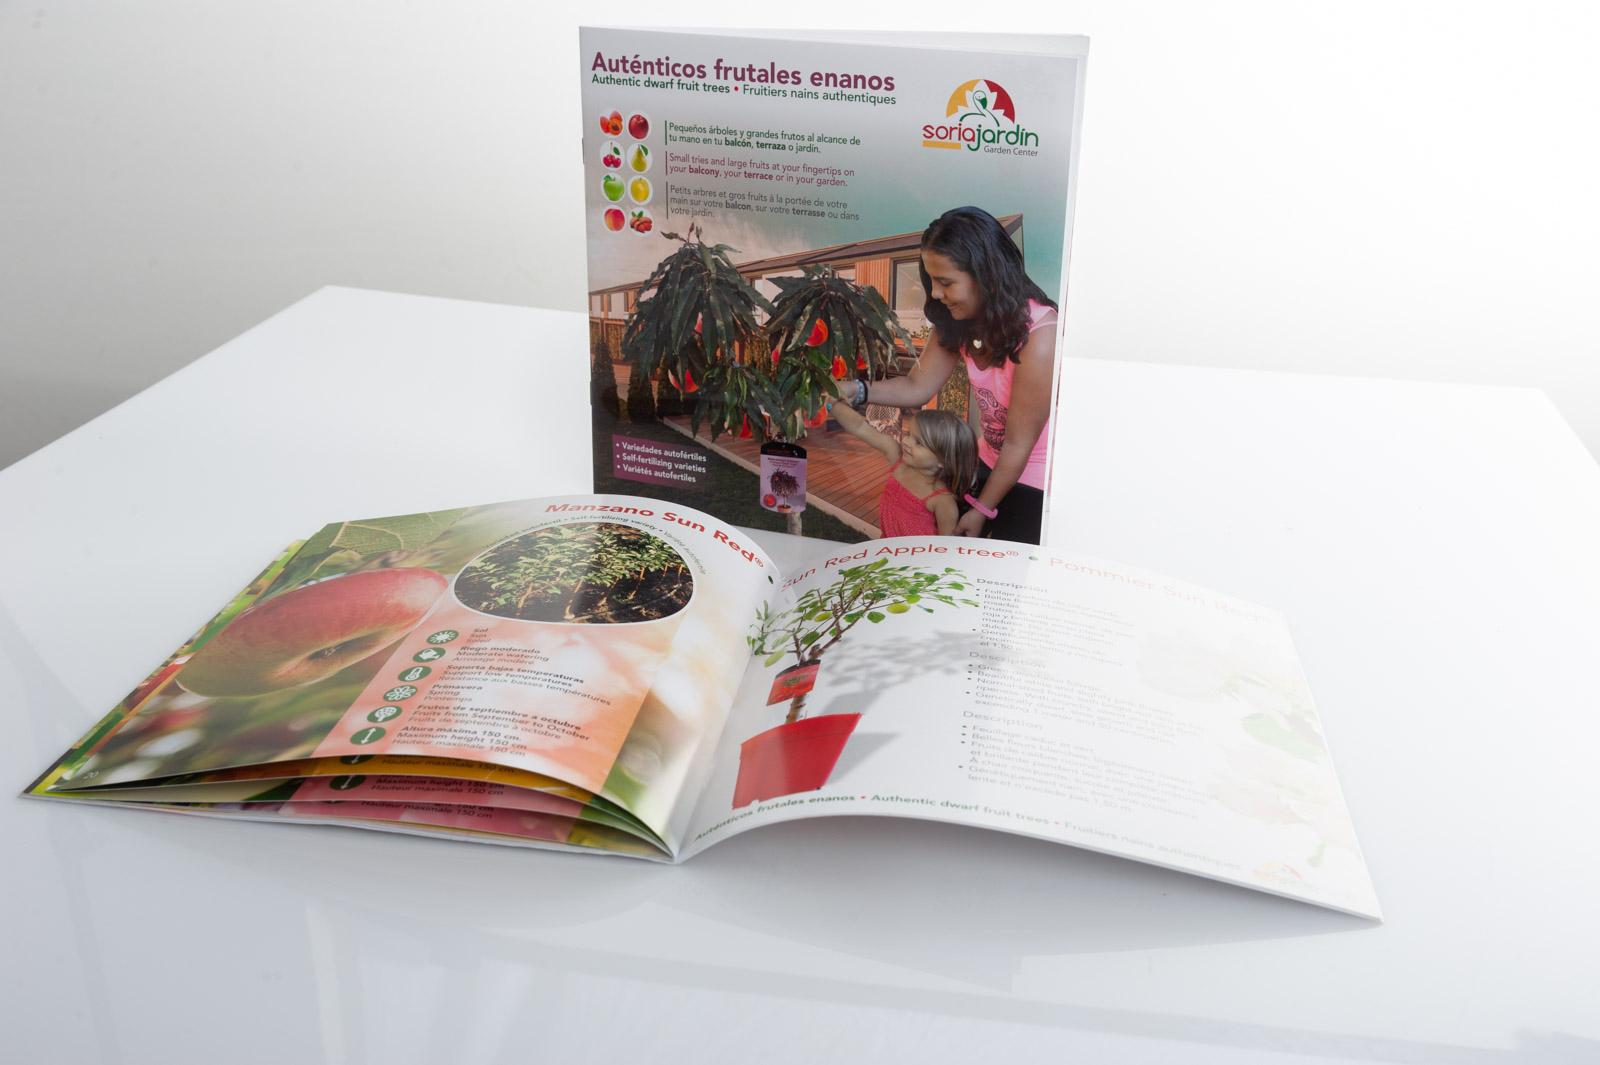 Catálogo de Frutales enanos - Mariano Soria Viveros - Imagina Arte Gráfico